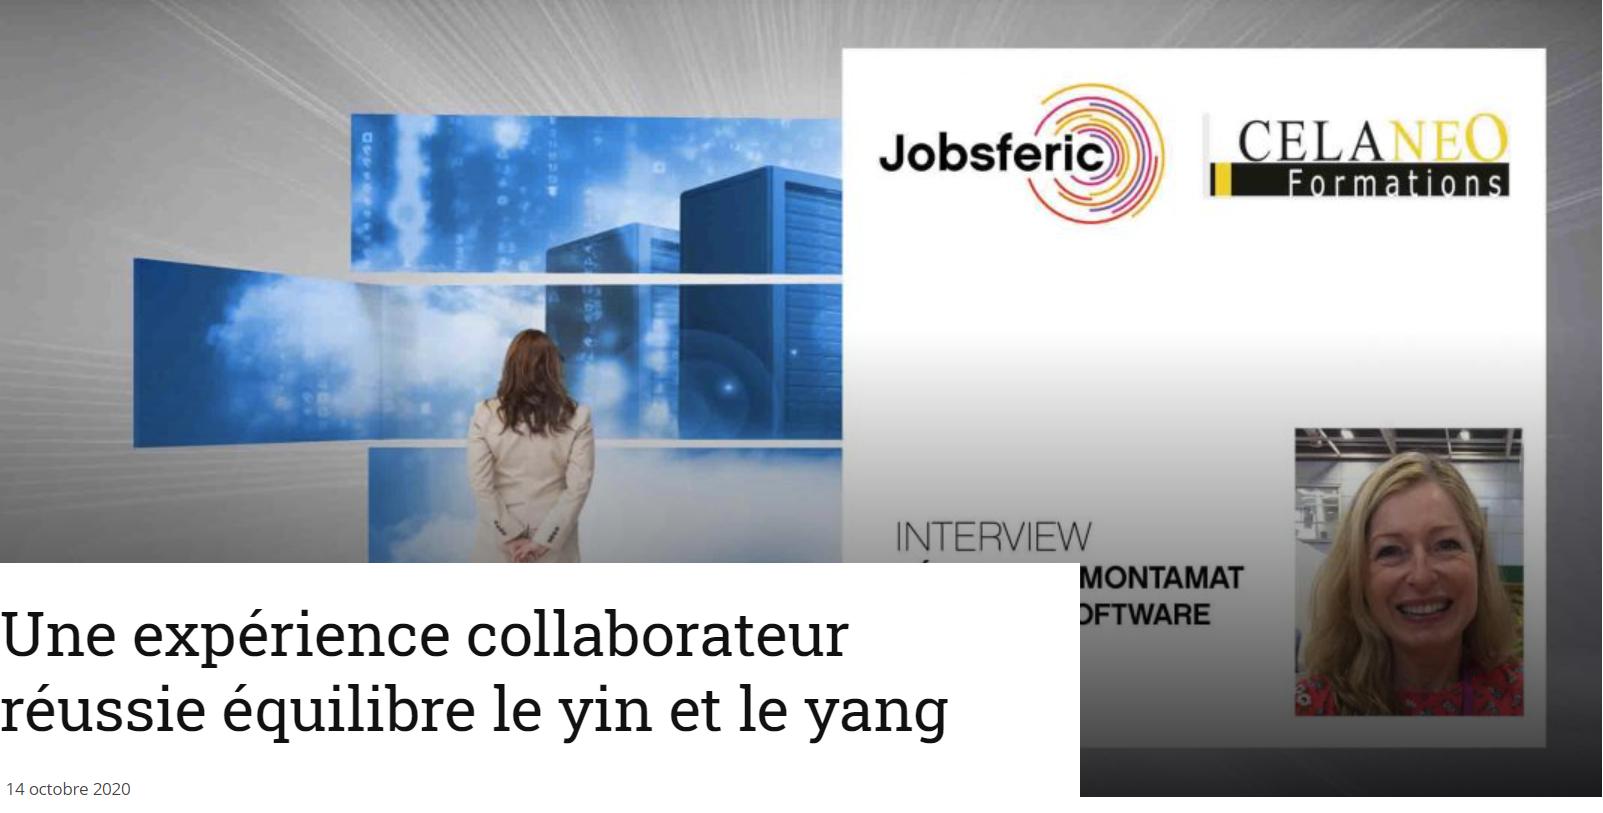 -experience-collaborateur-reussie-equilibre-le-yin-et-le-yang/